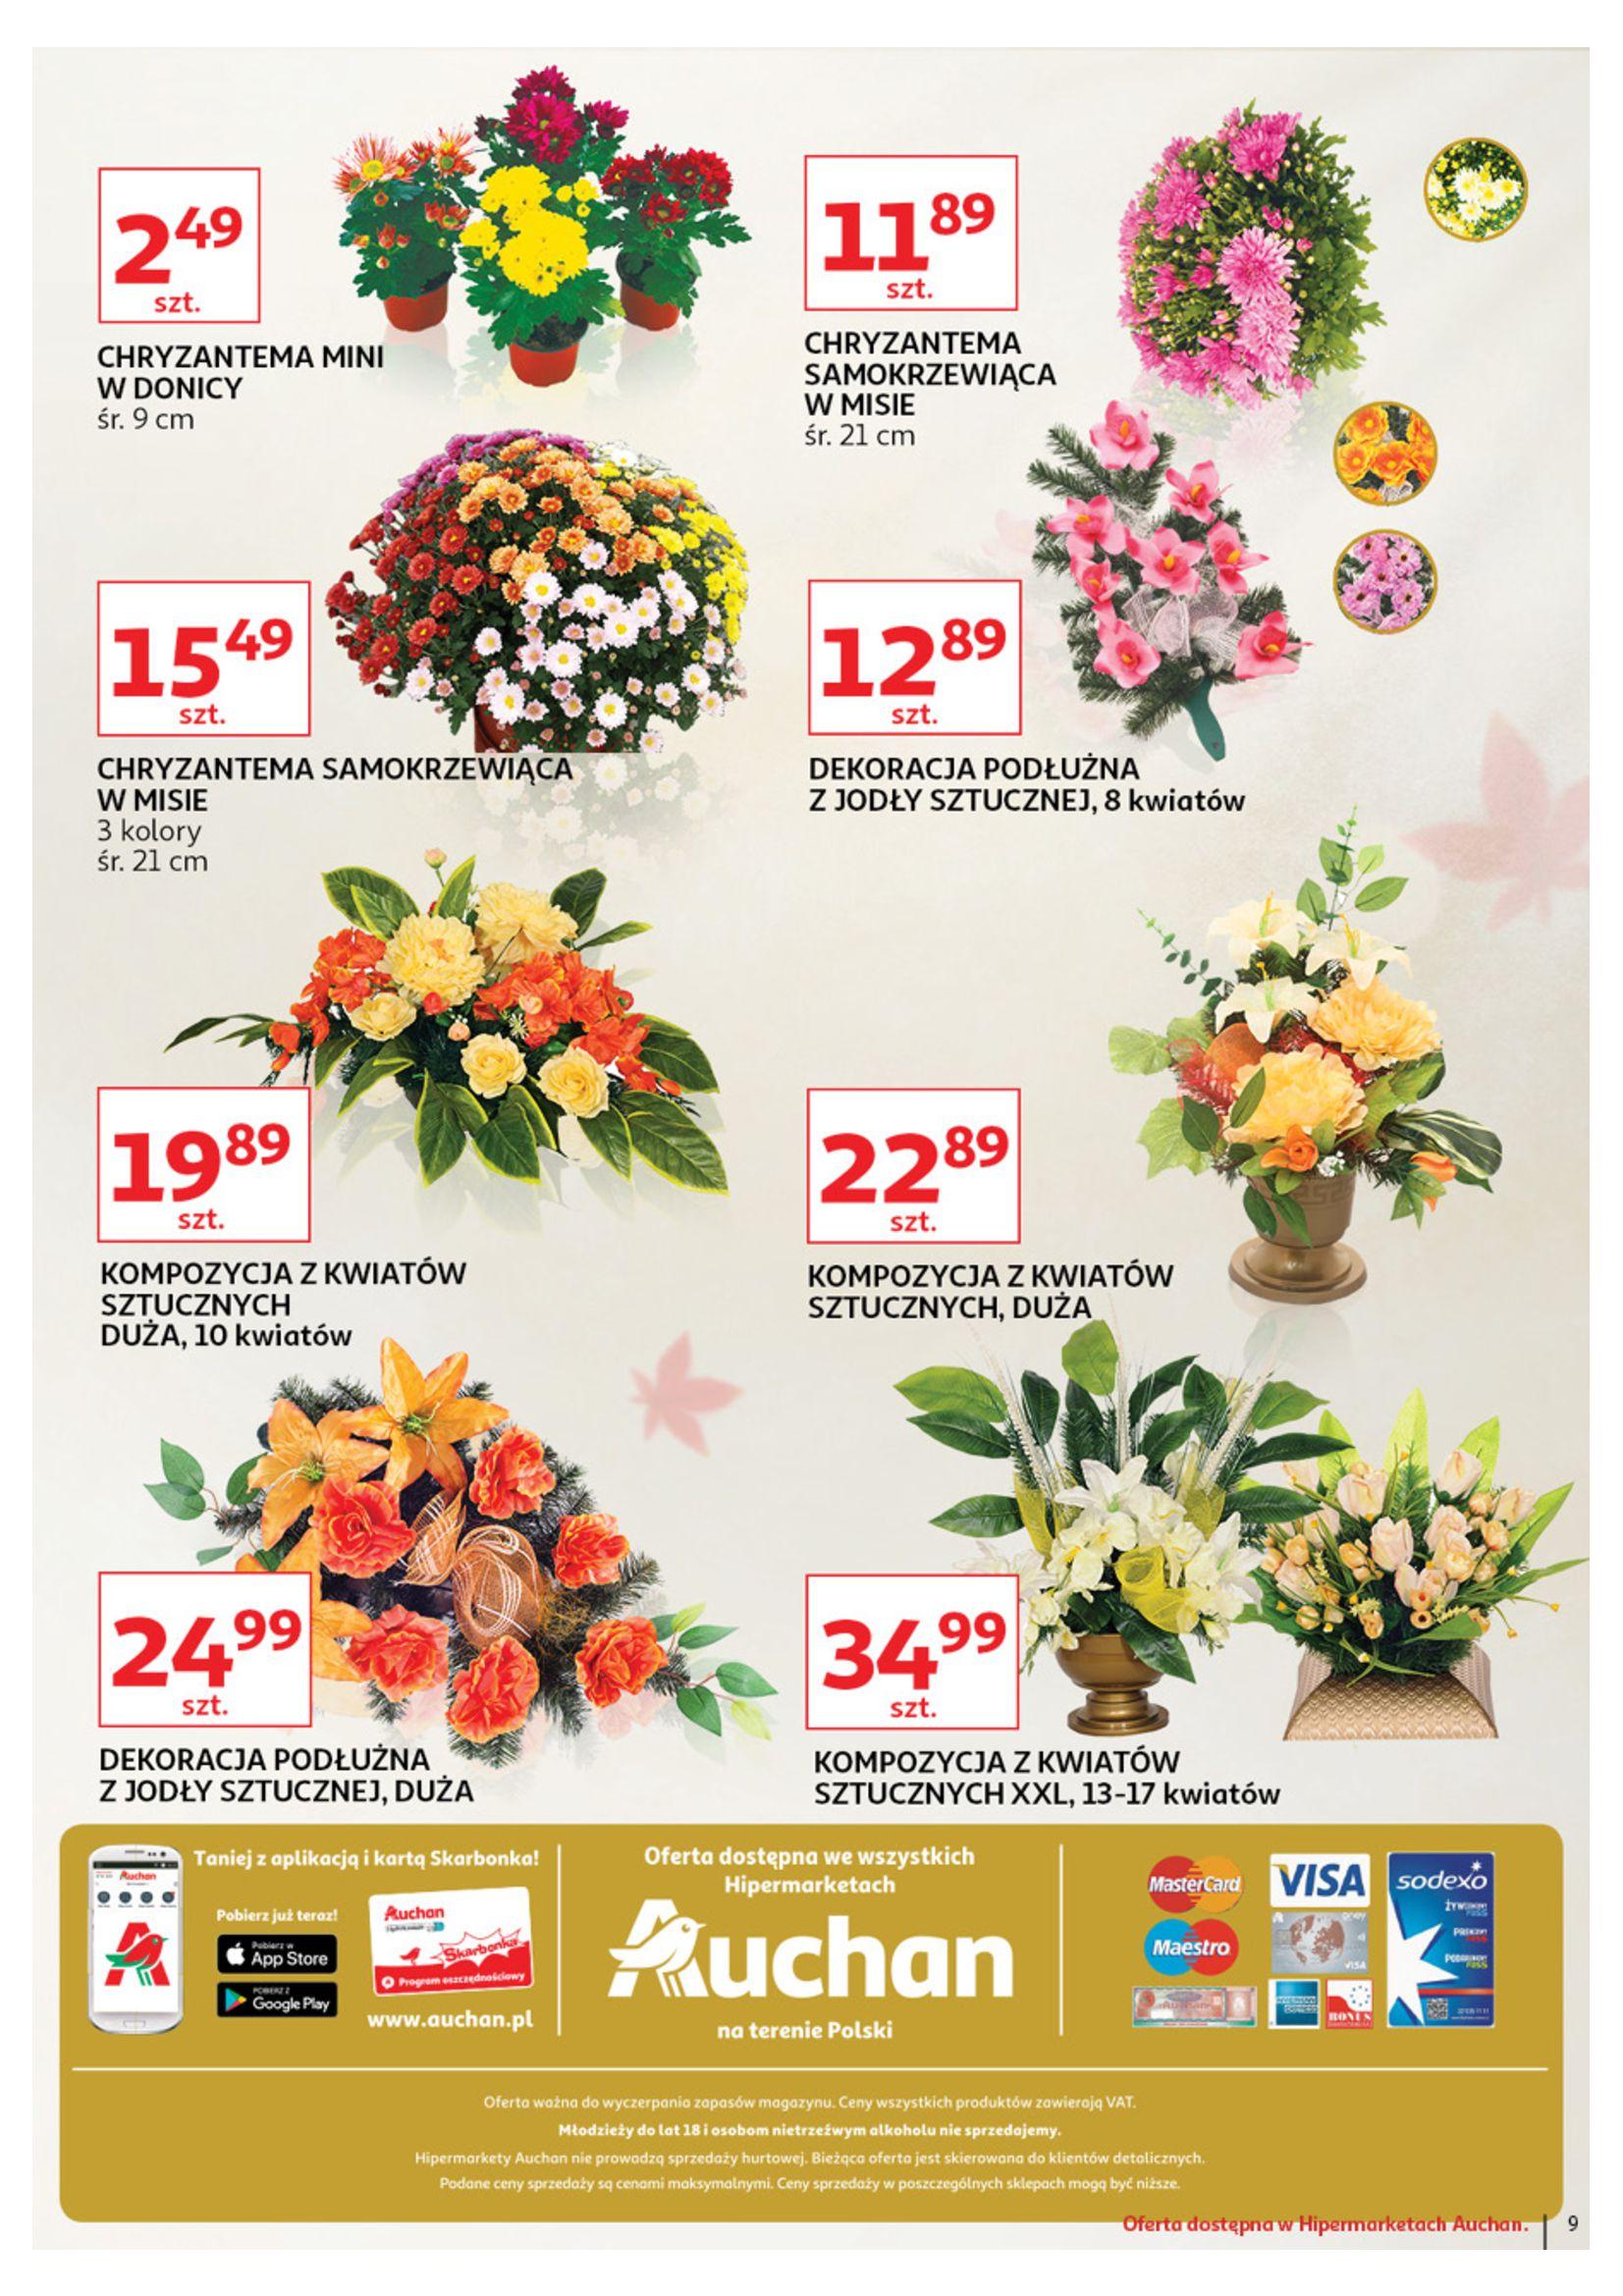 Gazetka Auchan - Znicze Hipermarkety-02.10.2019-12.10.2019-page-